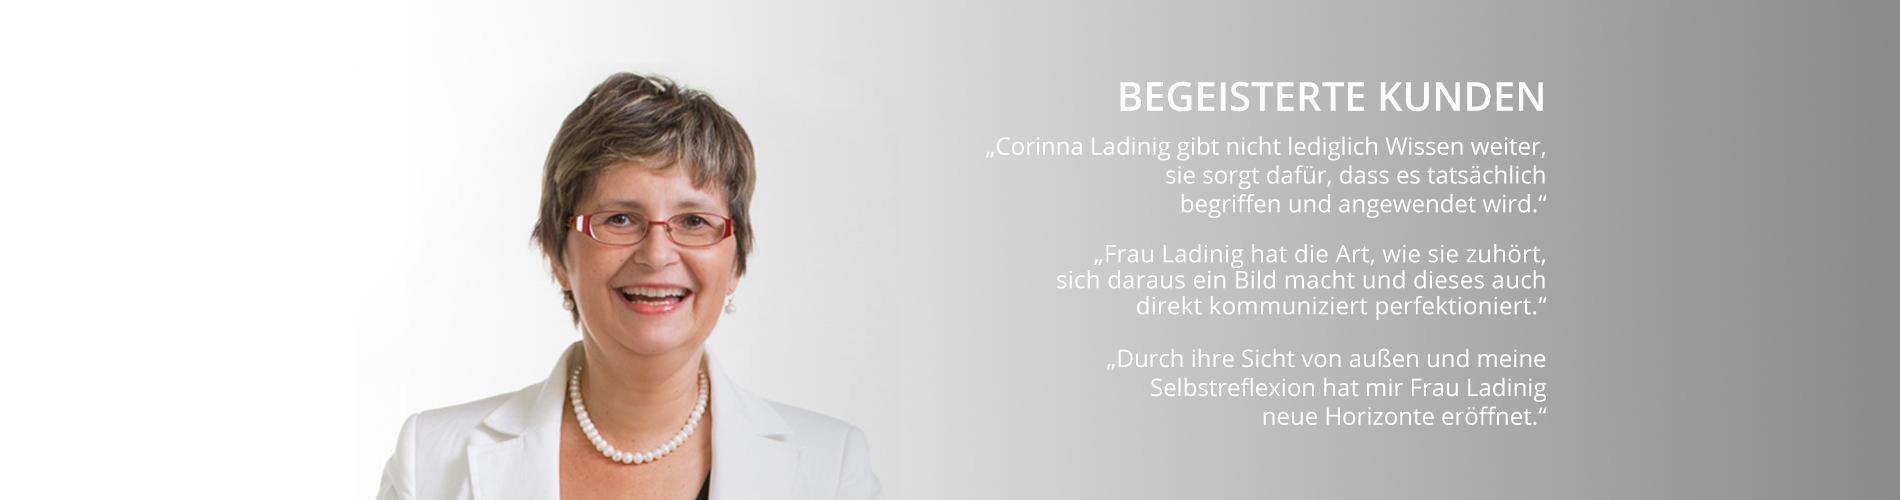 corinna-ladinig-coaching-telefoncoaching-wingwave-referenzen-banner-kundenstimmen